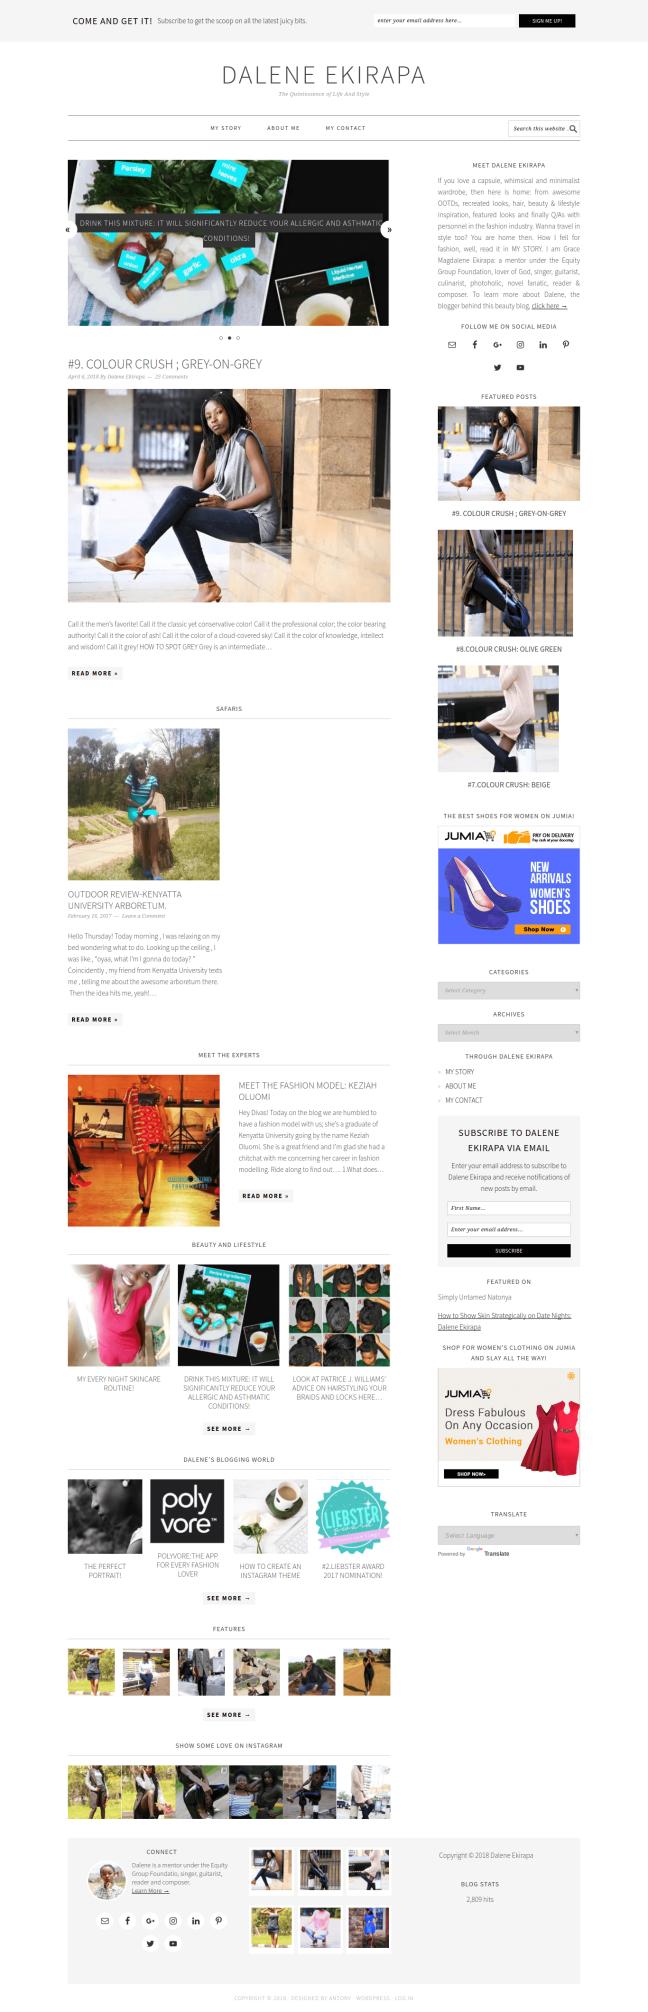 Fashion And Lifestyle Blogger Dalene Ekirapa